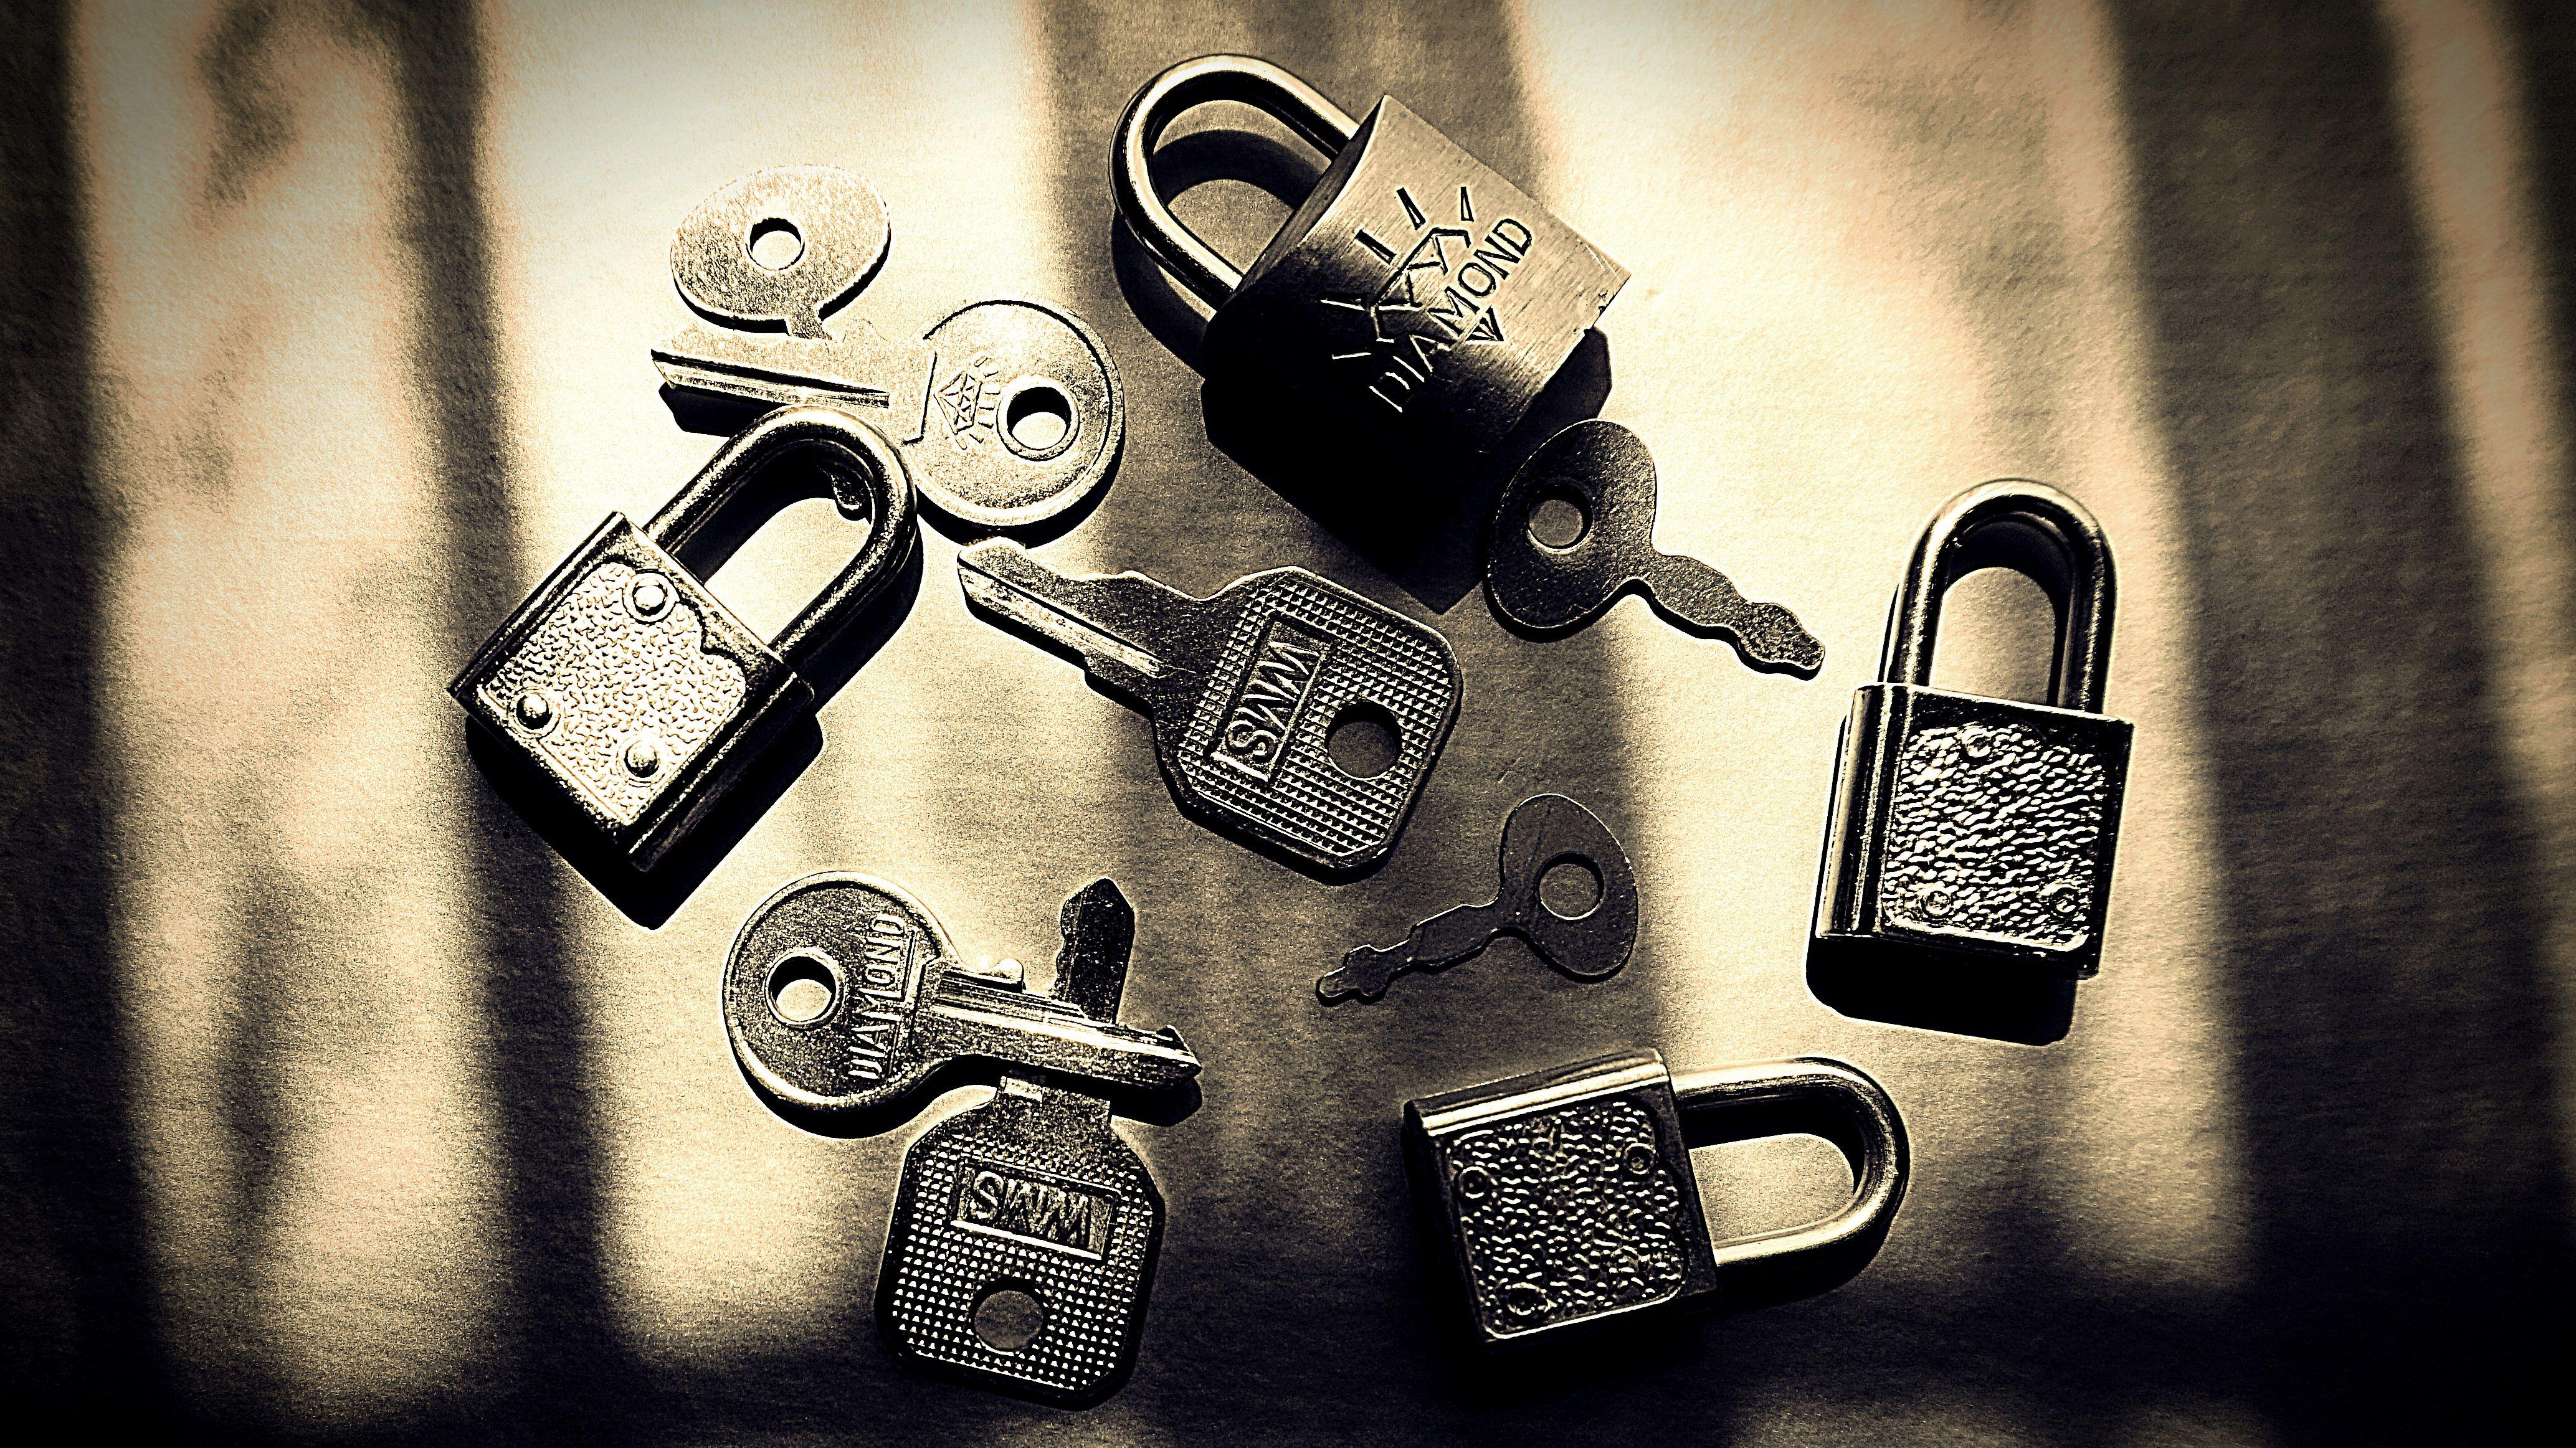 ブロックチェーンは パスワードの呪縛を解くのか